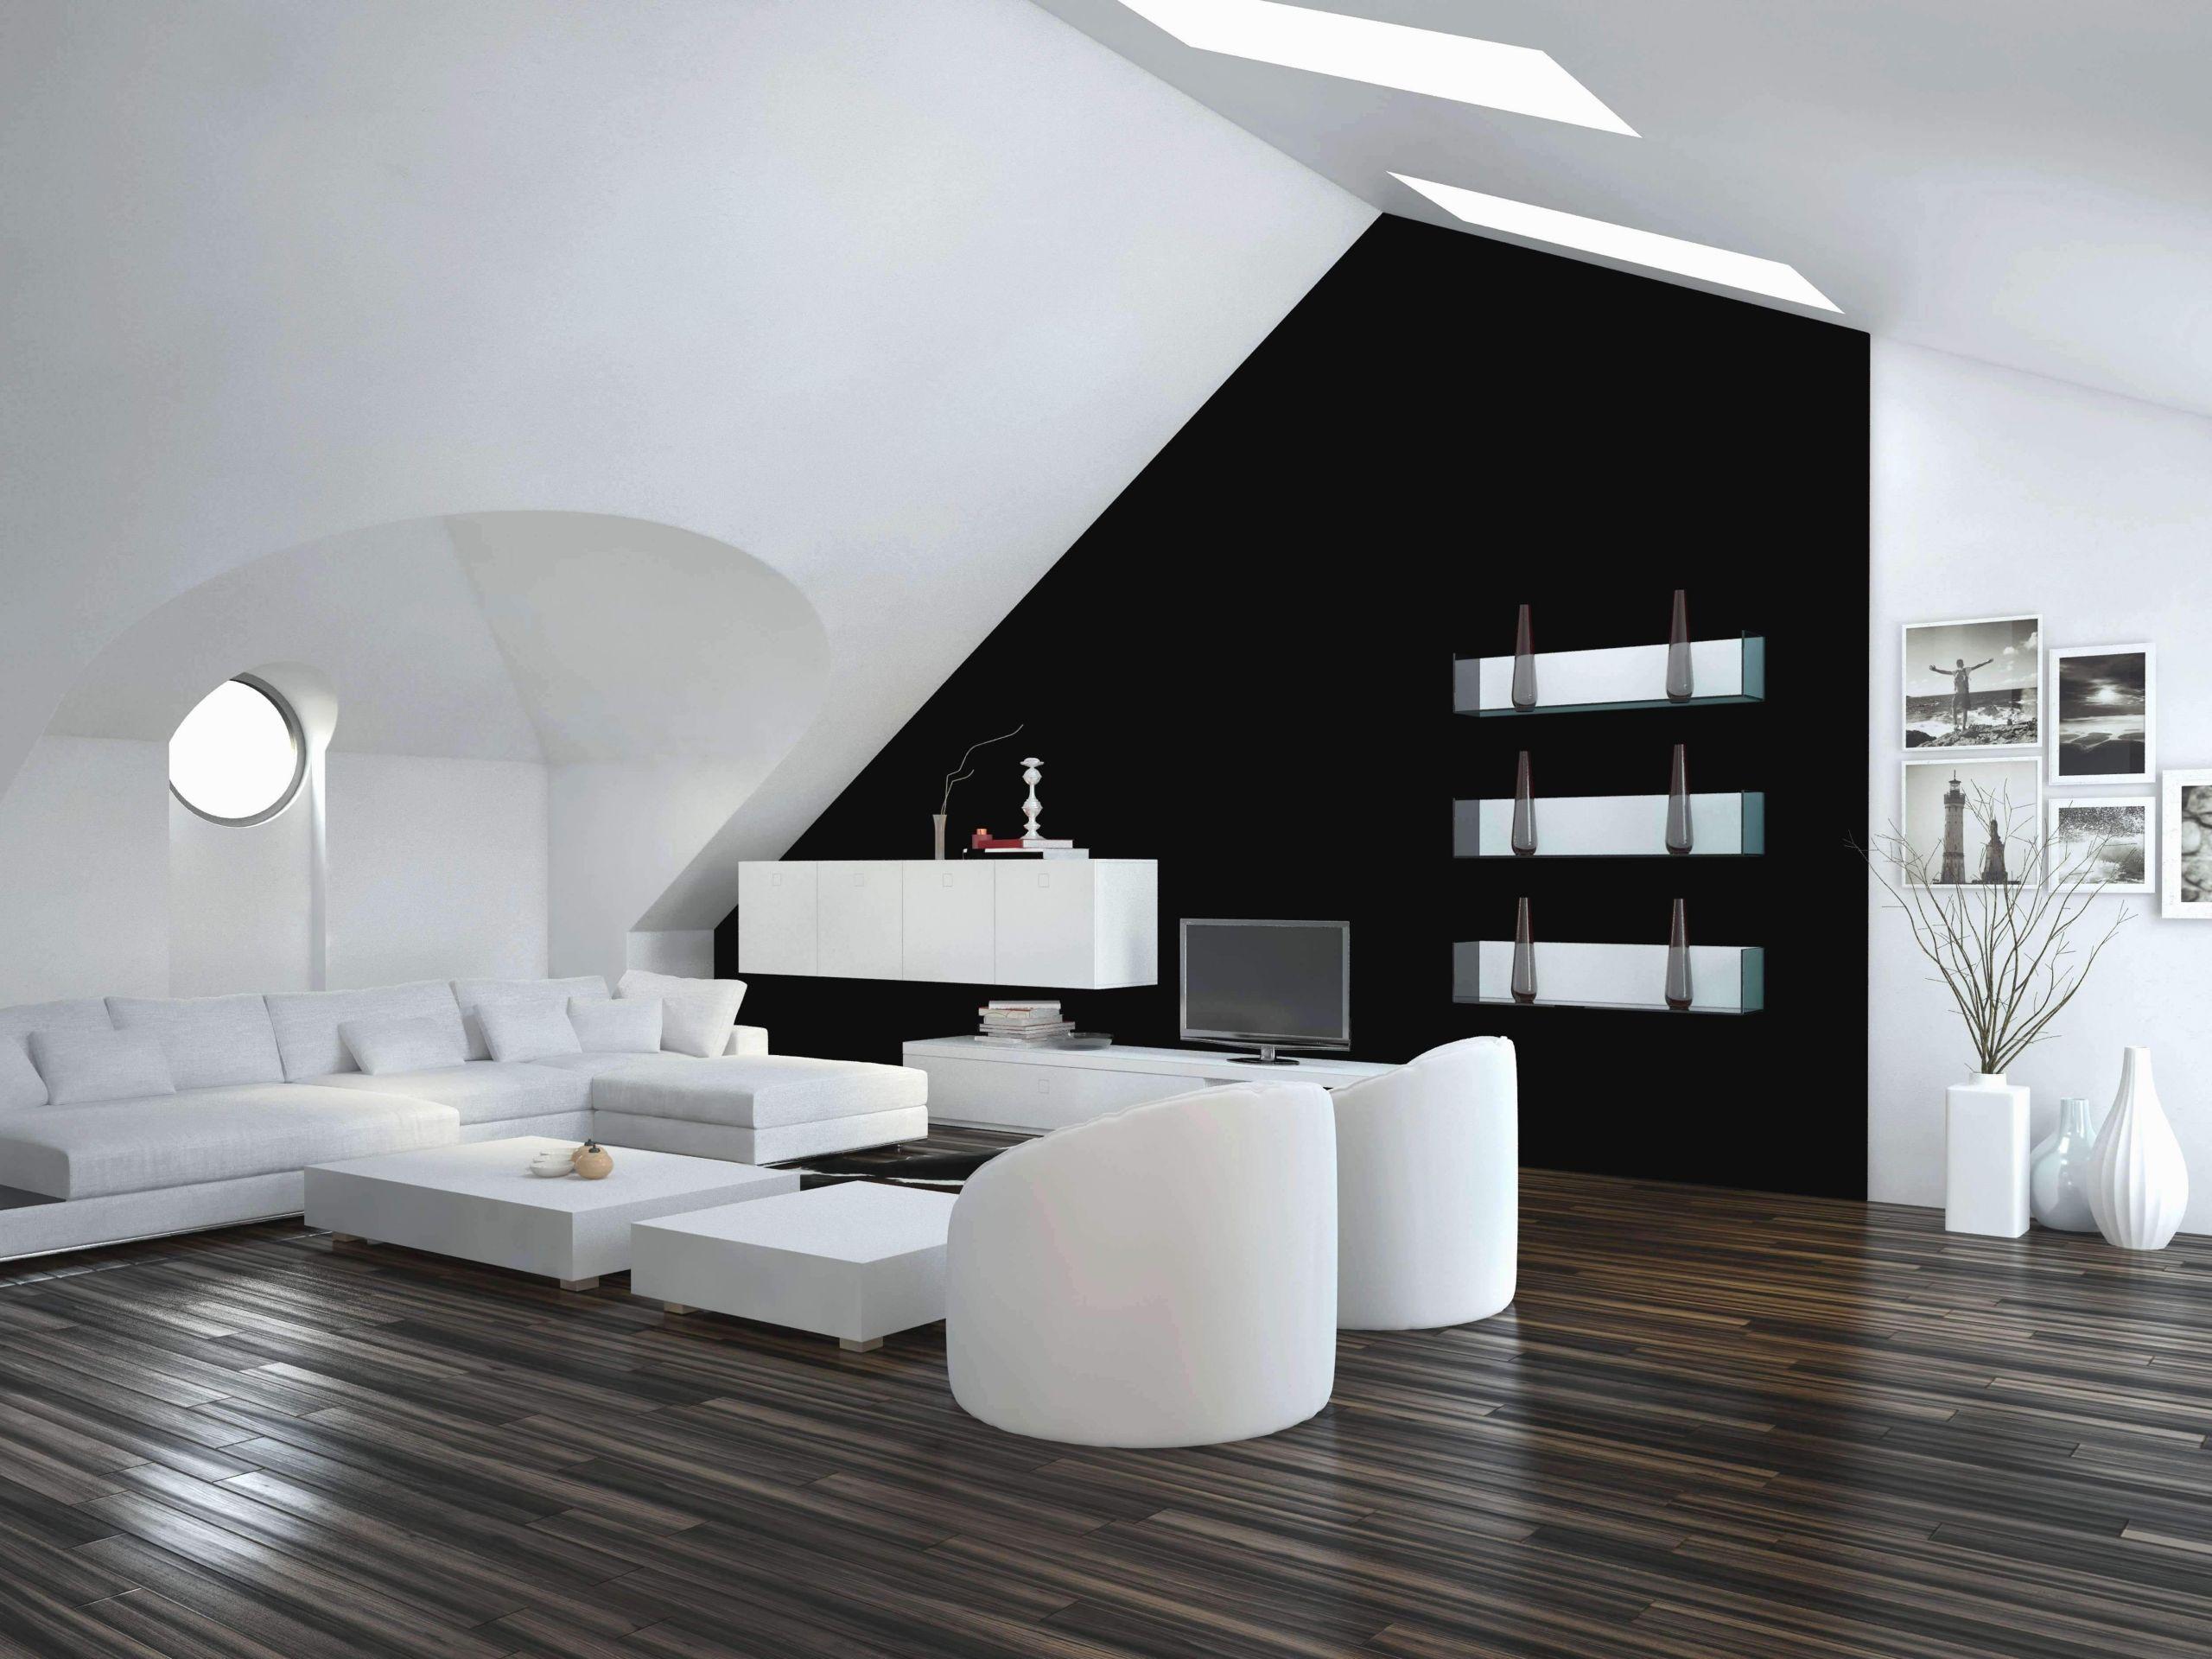 wohnzimmer deko ideen schon wohnzimmer steinwand schon wohnzimmer deko ideen aktuelle of wohnzimmer deko ideen